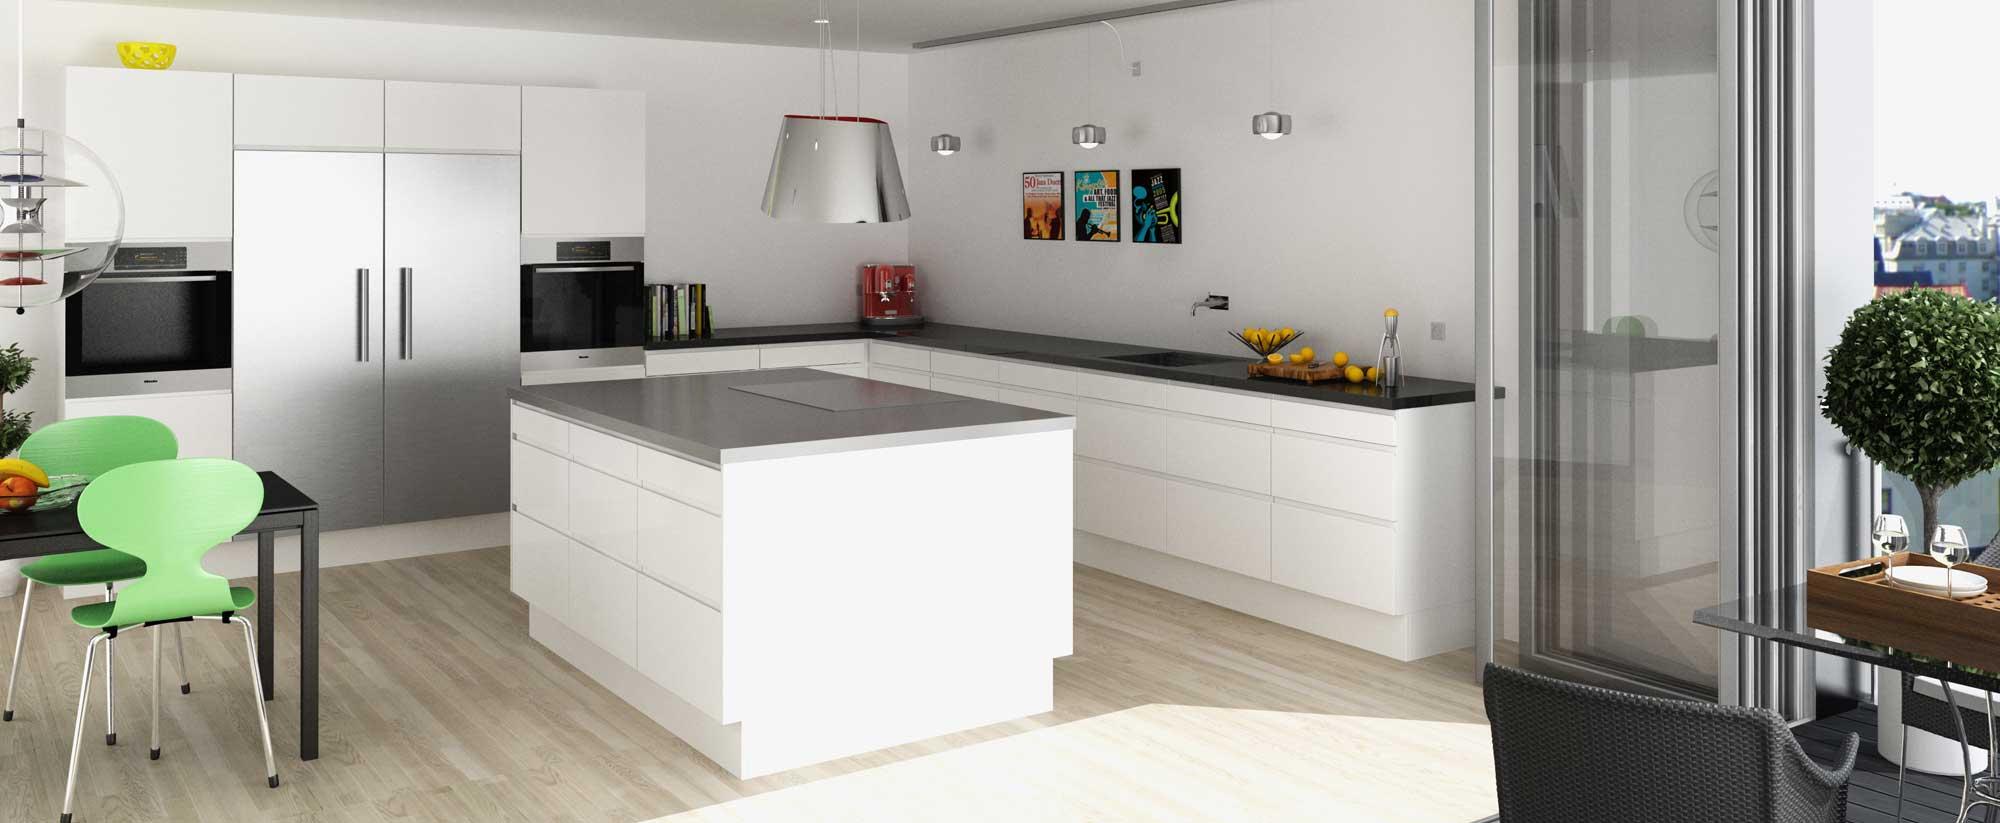 Kimbrer modulkøkken Engelmark - designet til ethvert budget. Snedkerkøkken, formkøkken, modulkøkken.